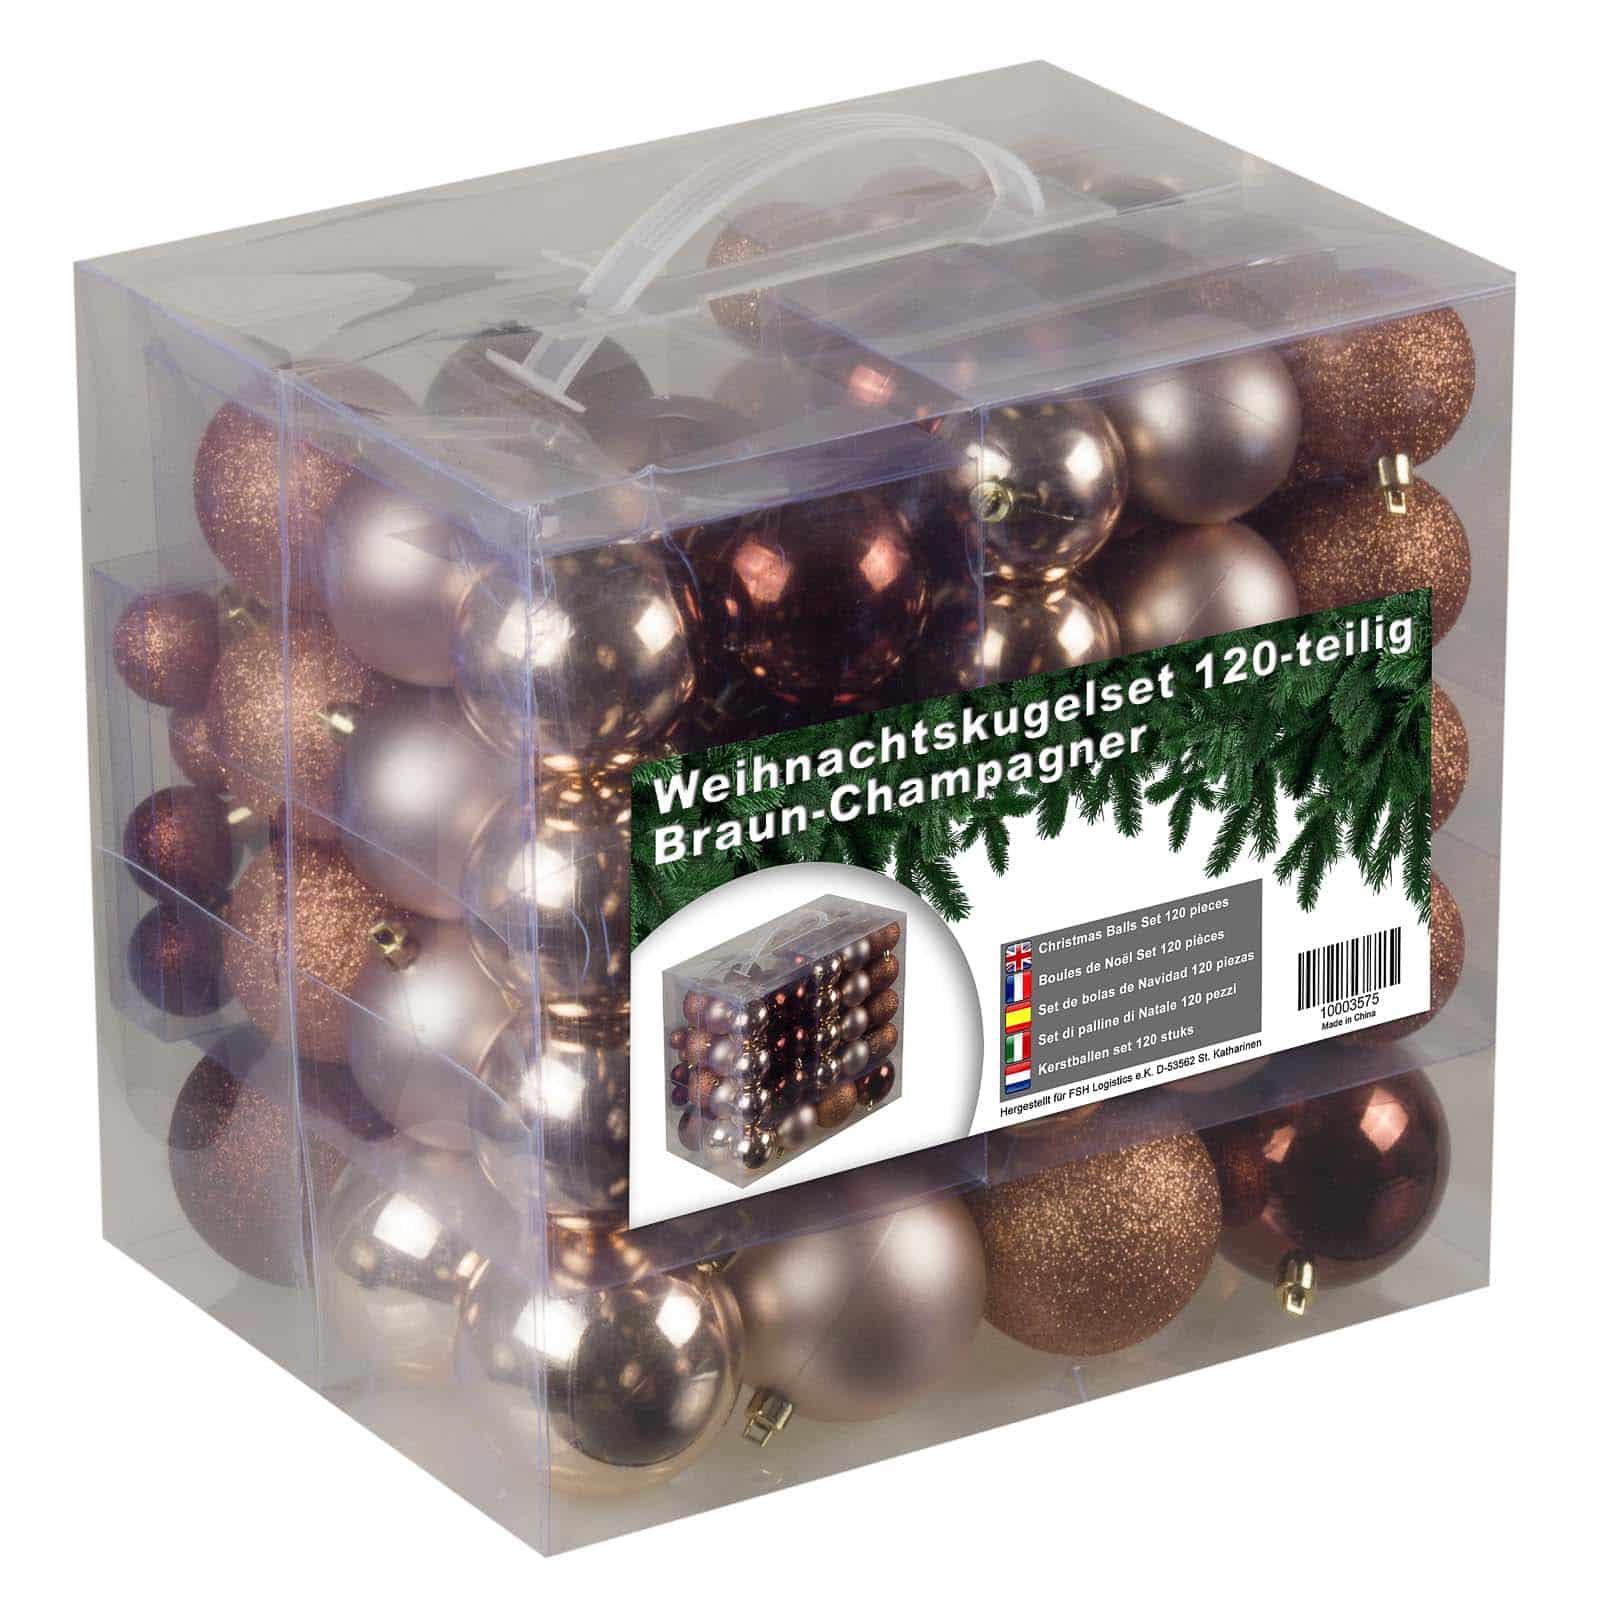 Kunststof Kerstballen set 120 ballen - binnen/buiten - Champagne/Bruin